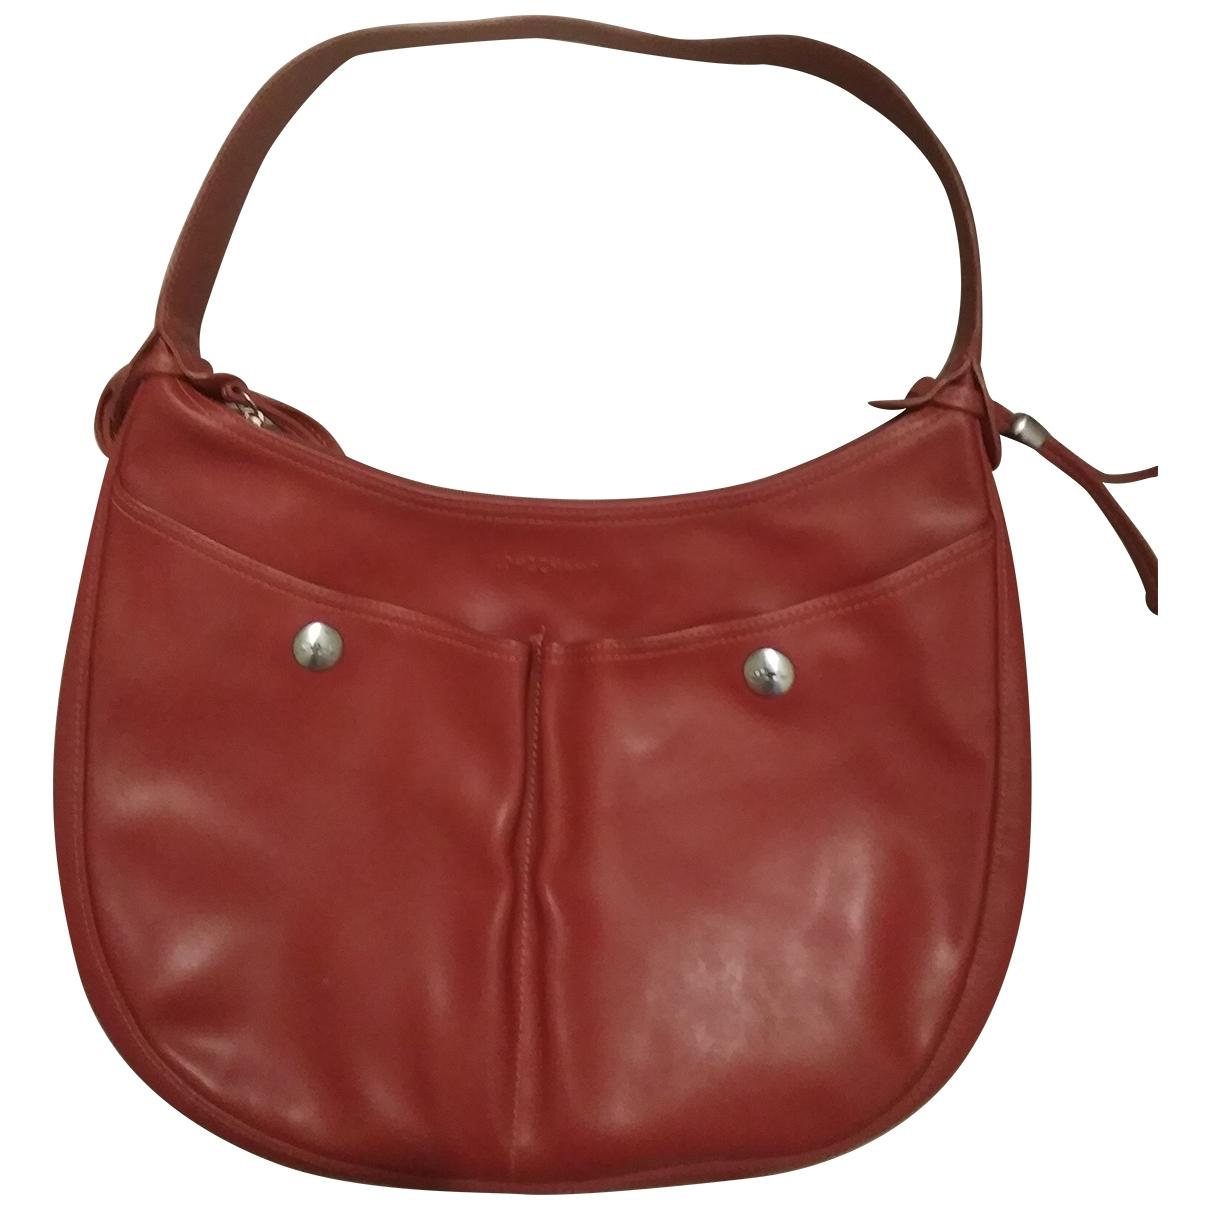 Longchamp \N Orange Leather handbag for Women \N